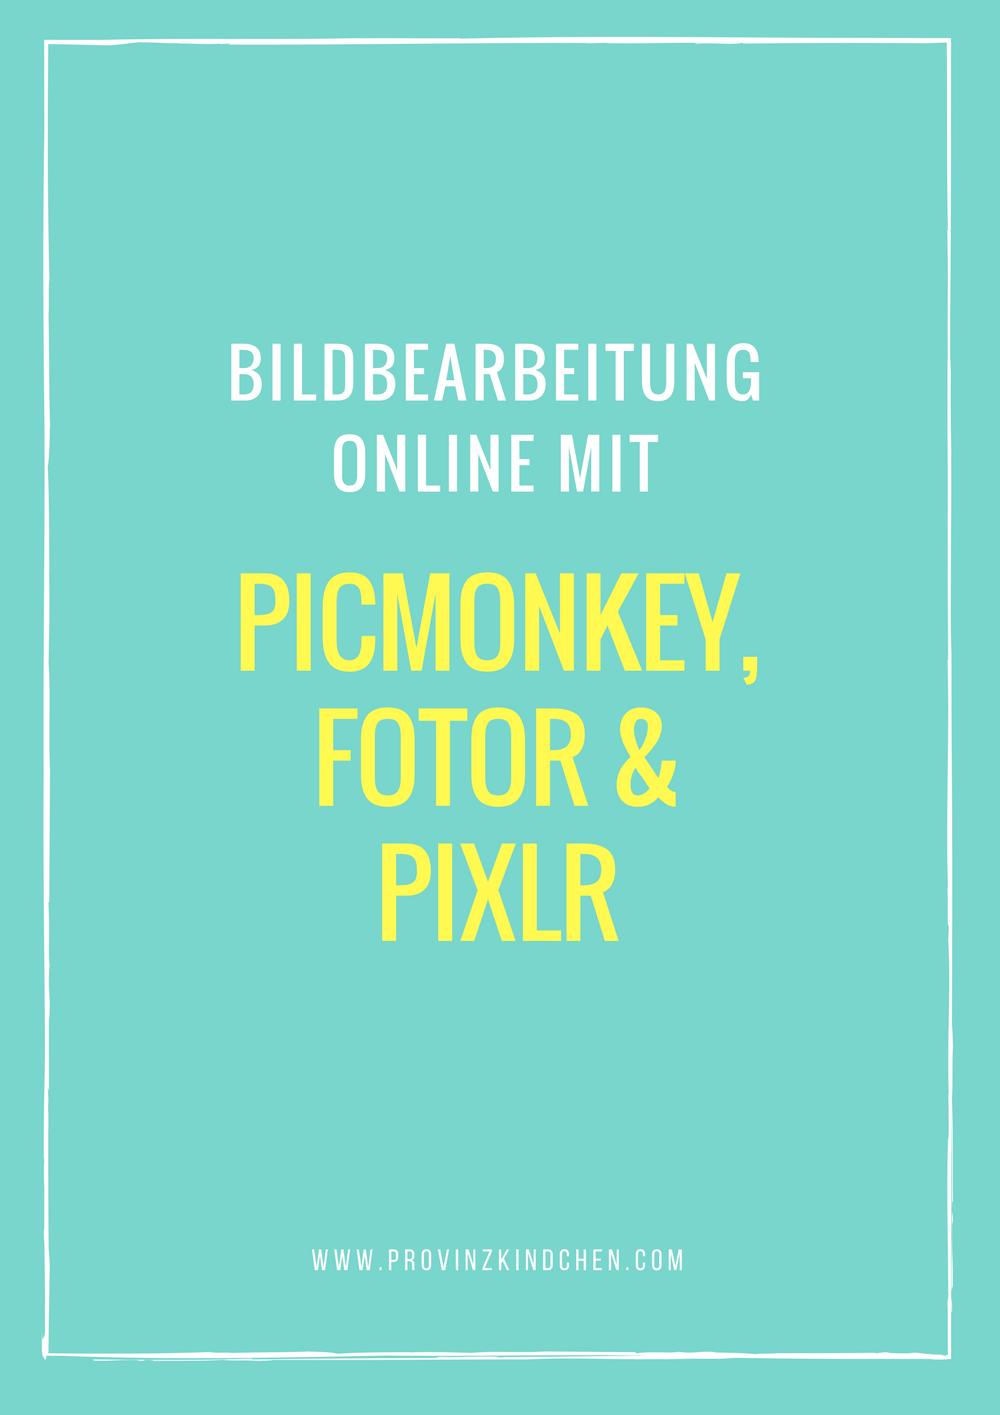 Bildbearbeitung Online: PicMonkey, Fotor und Pixlr - provinzkindchen